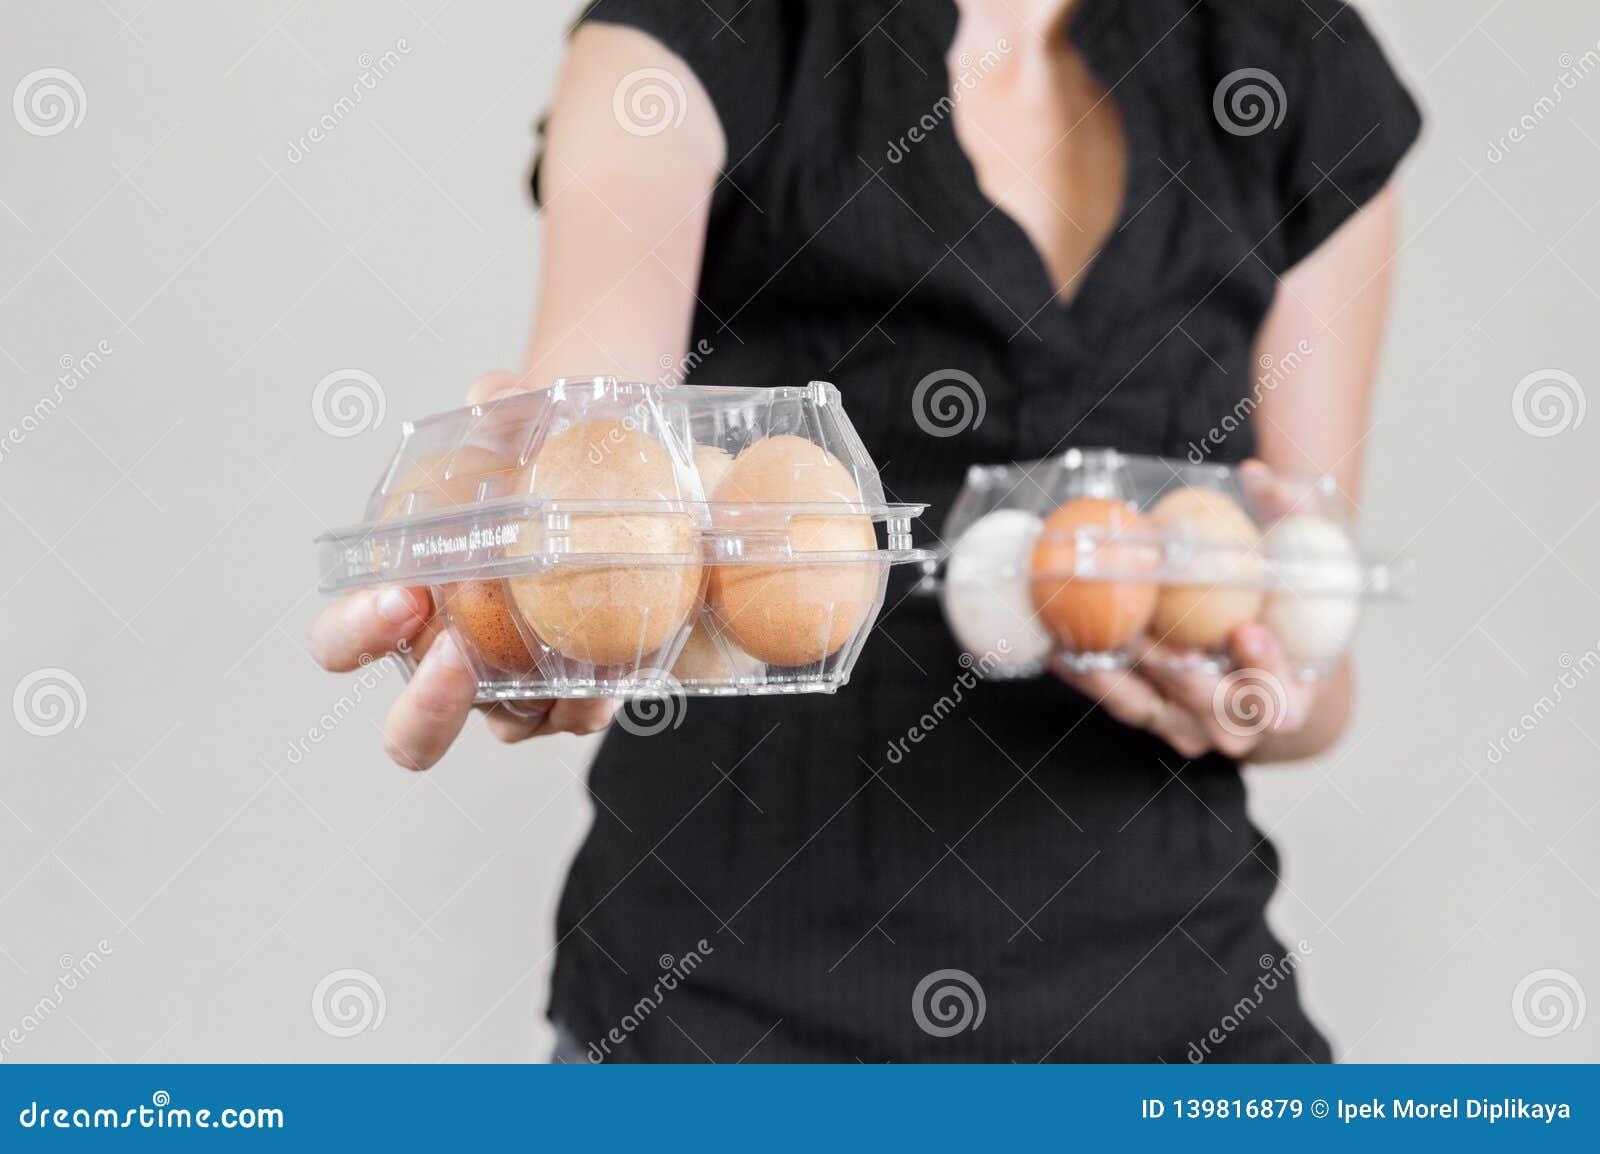 Mujer caucásica con la camisa negra que sostiene dos cartones de huevos plásticos llenos de huevos del pollo